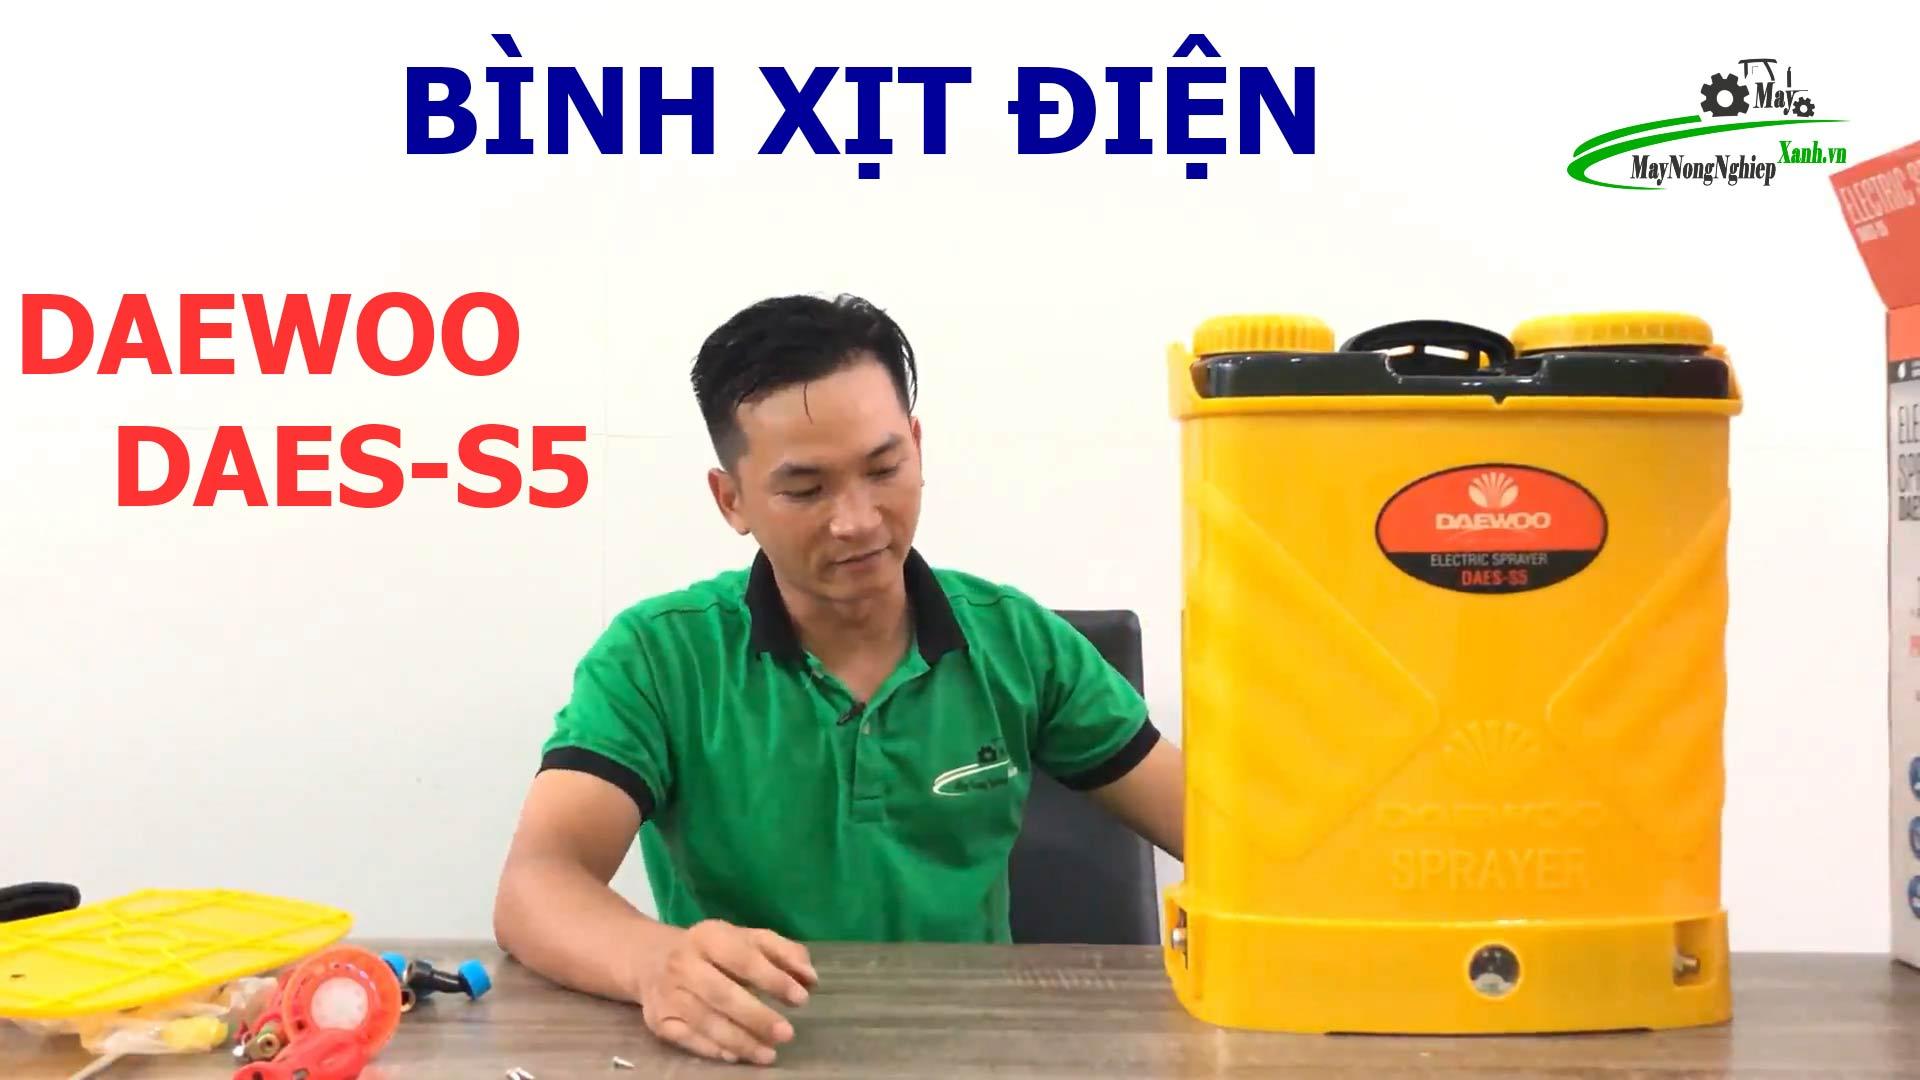 6 su co hay gap cach xu ly bao quan binh xit dien phun thuoc sau - 6 Sự cố hay gặp cách xử lý & bảo quản Bình xịt điện phun thuốc sâu